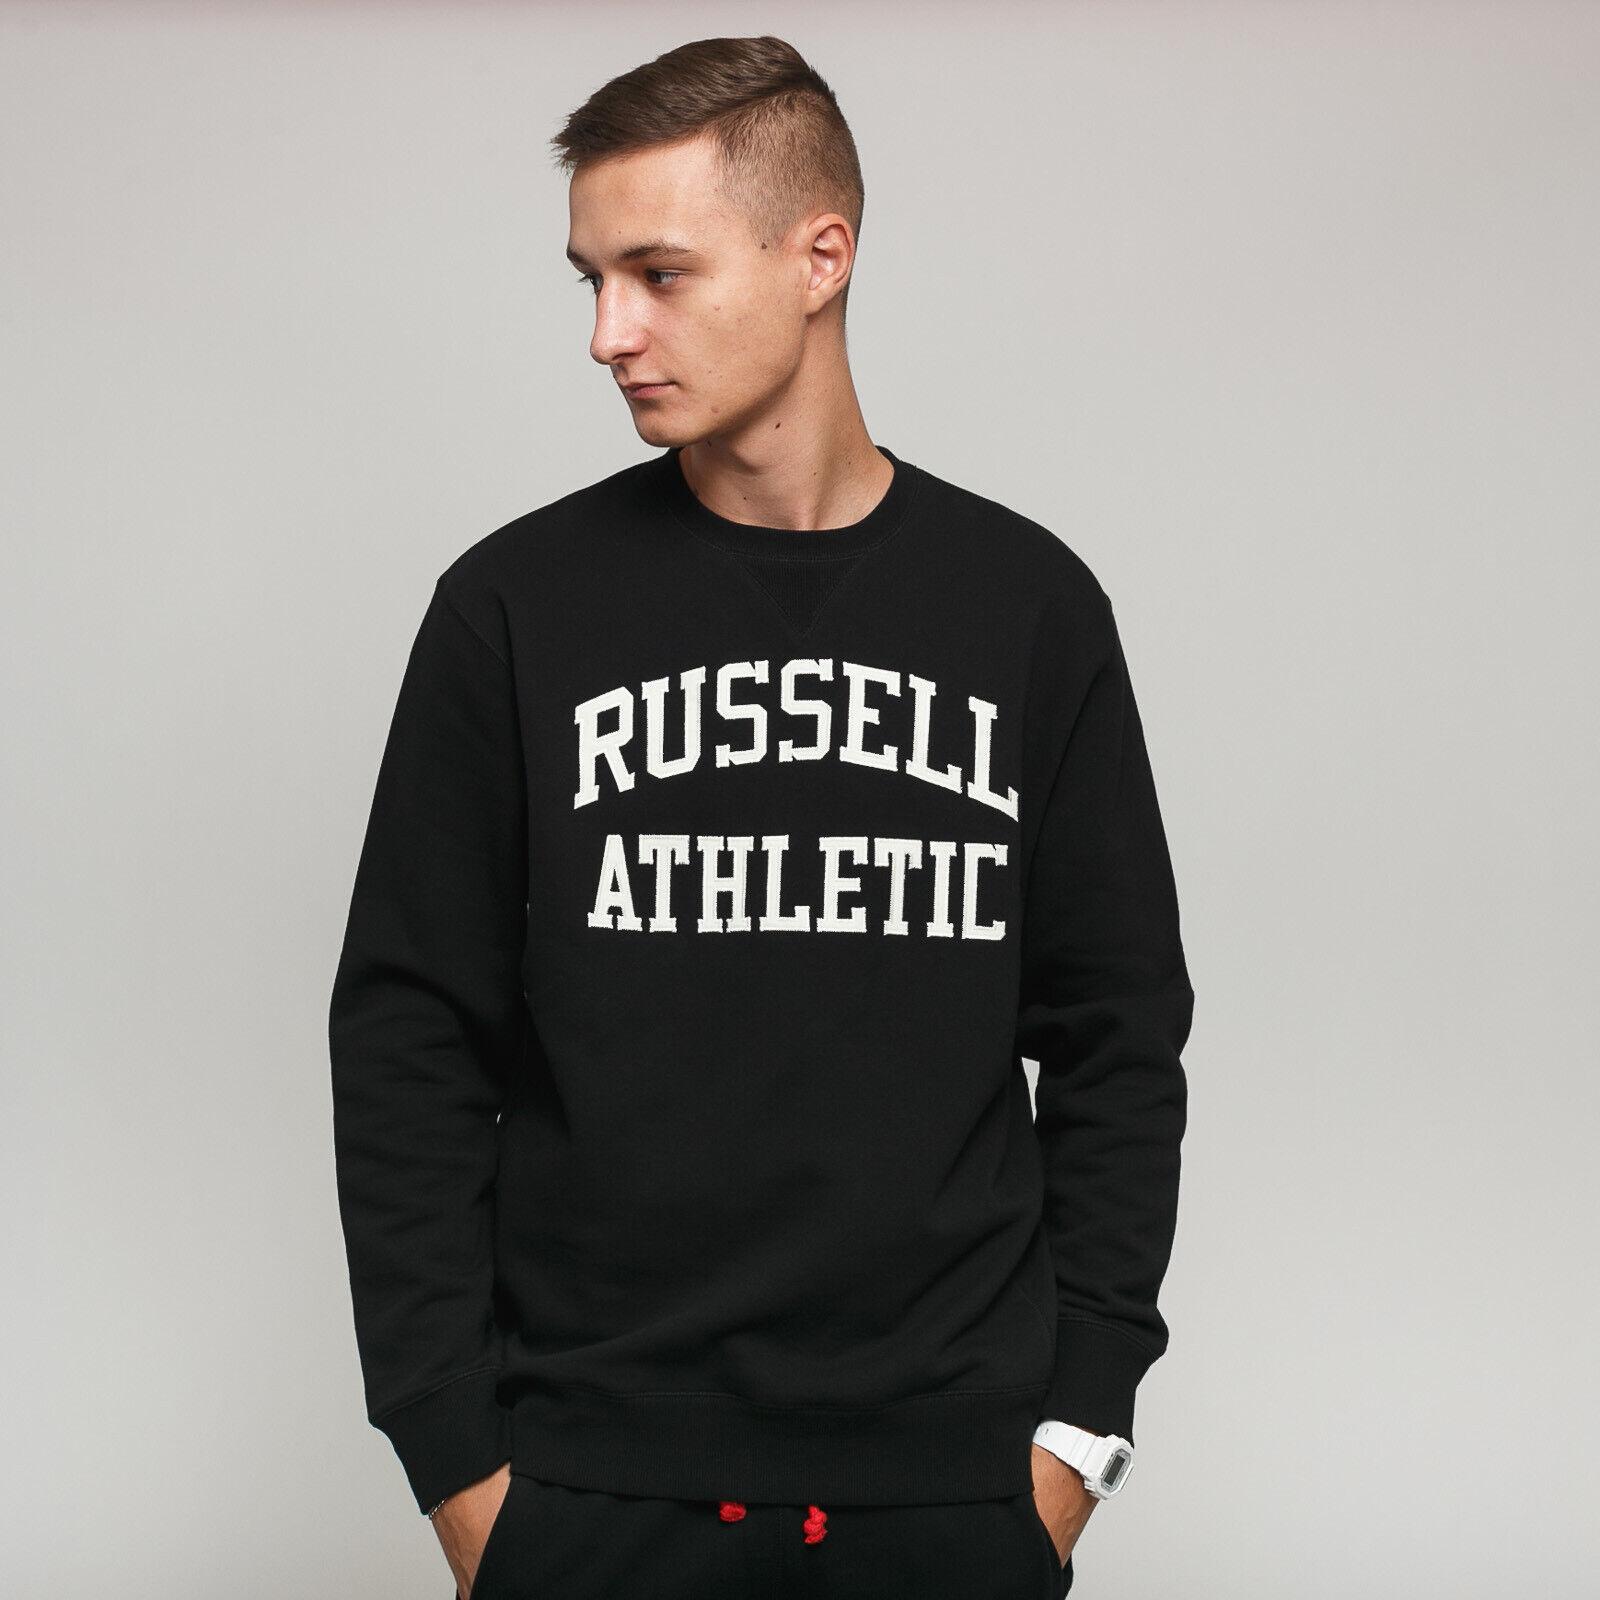 RUSSELL ATHLETIC Crewneck schweißhemd schwarz M, Schwarz, A9-086-2 099-IO